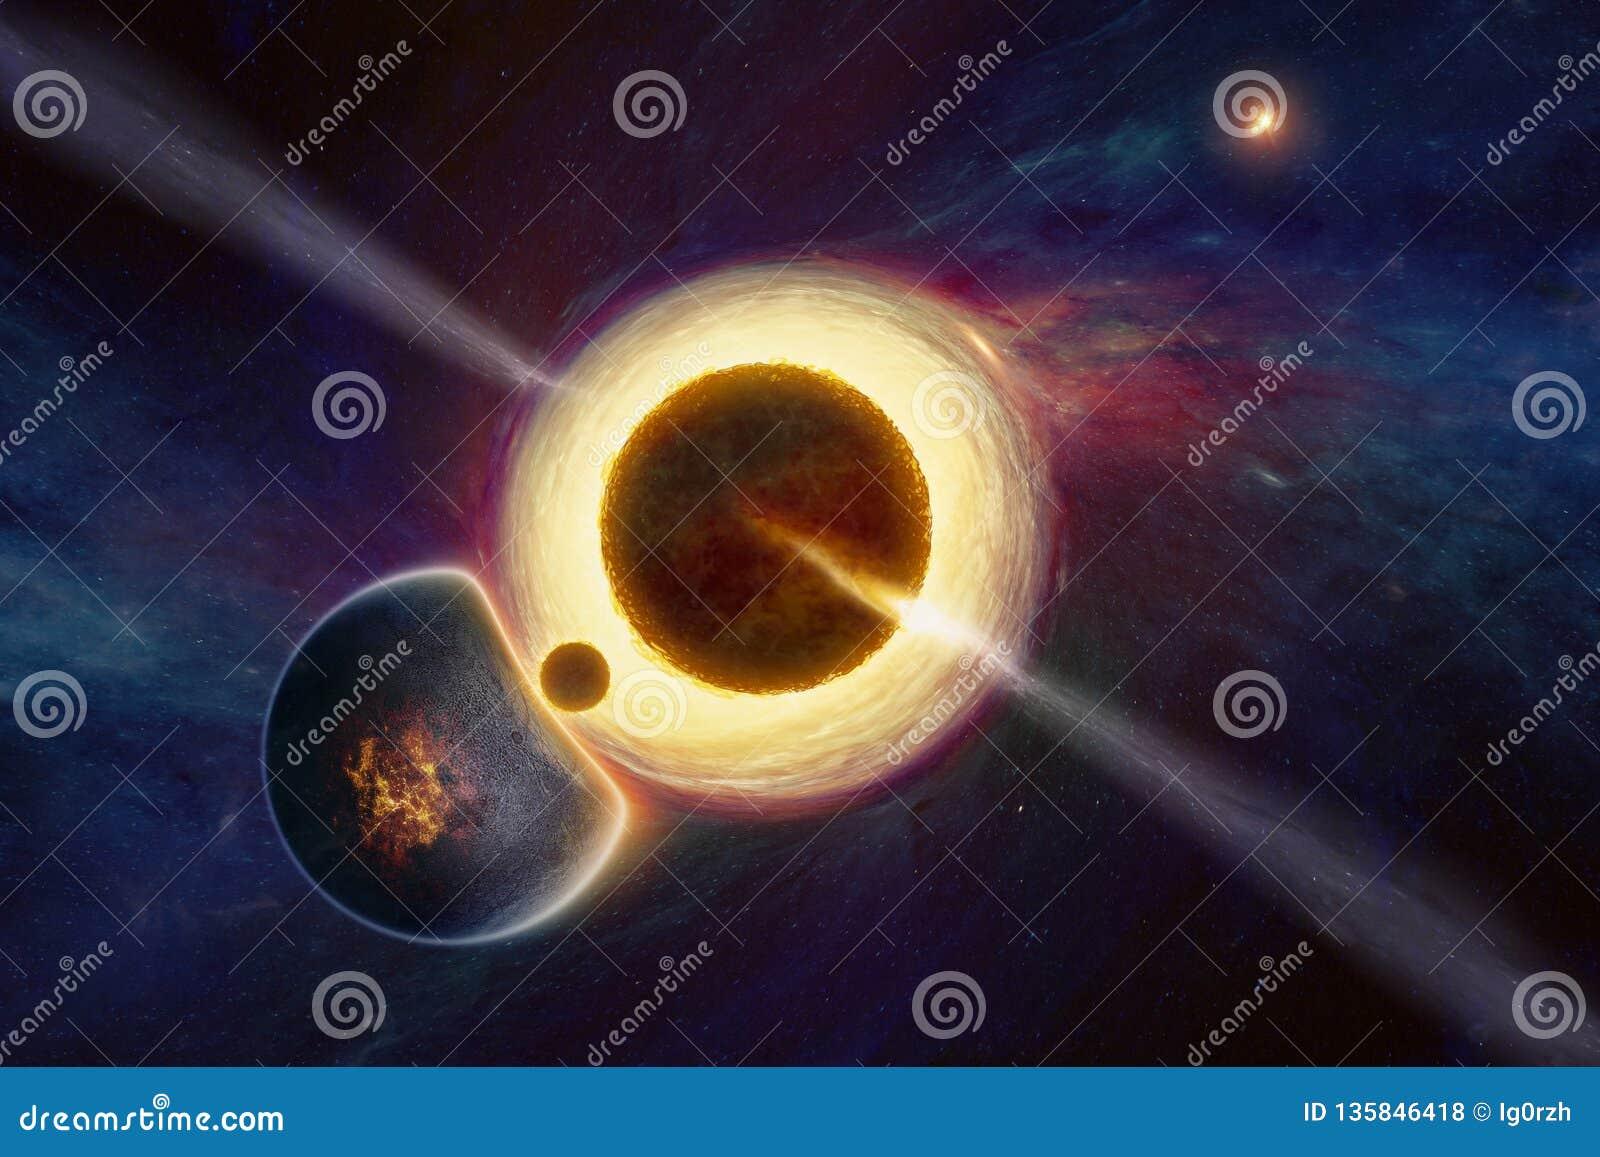 Bovennatuurlijke buitenaardse het levensvorm in diepe kosmische ruimte dichtbij supermassive zwart gat